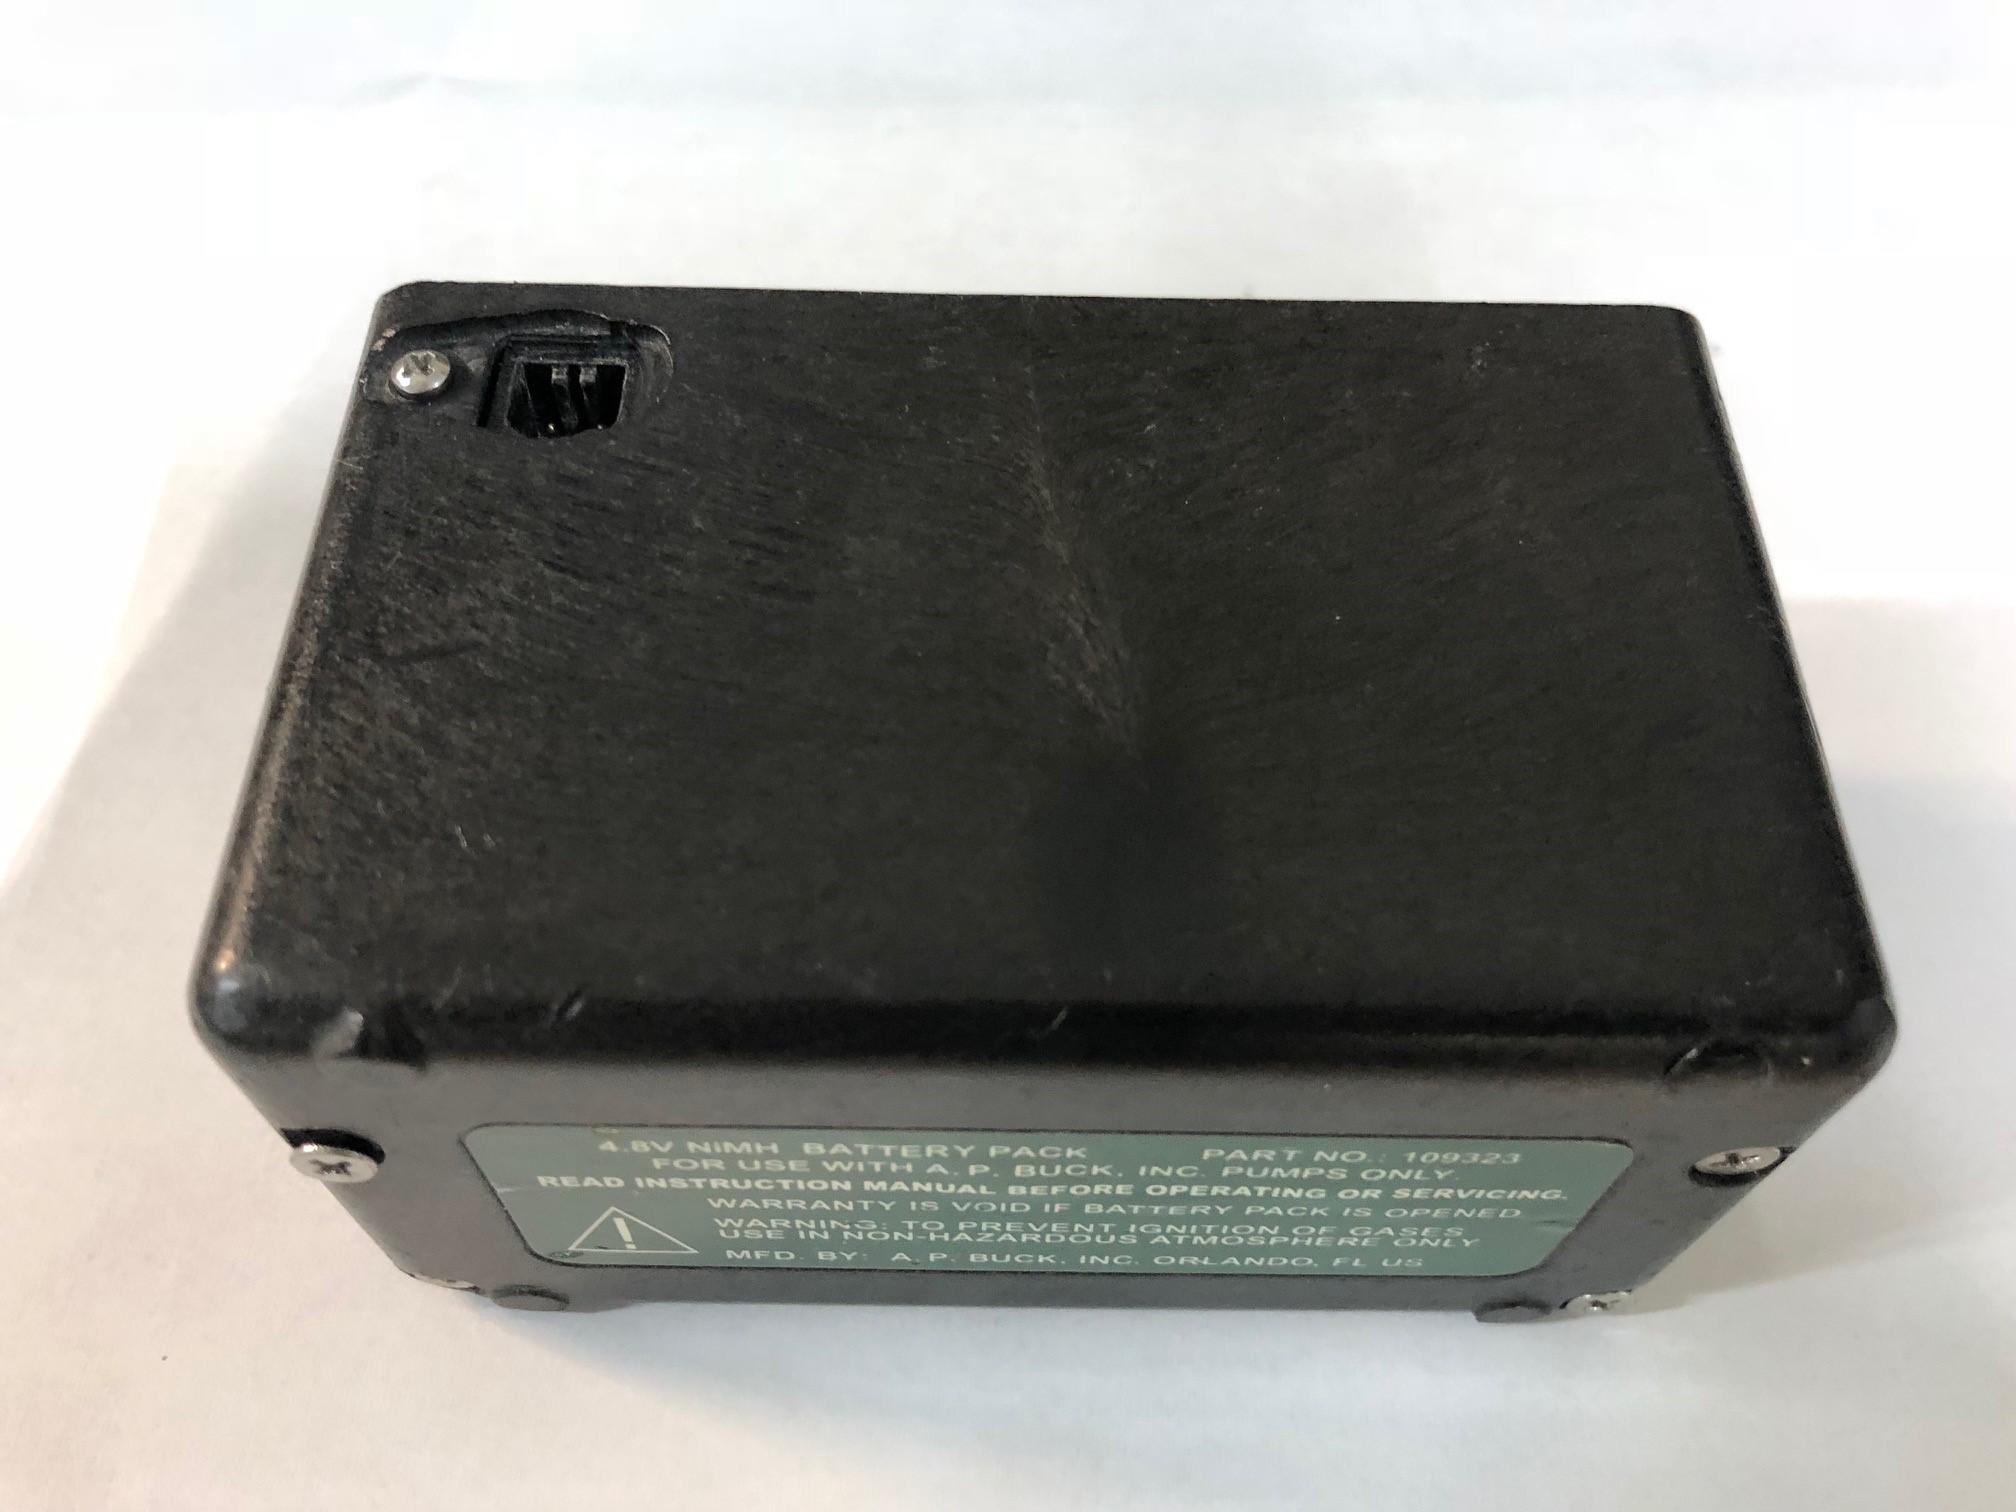 4.8V NiMH Triple Pack Battery with Hirose jack for Libra/Elite pumps